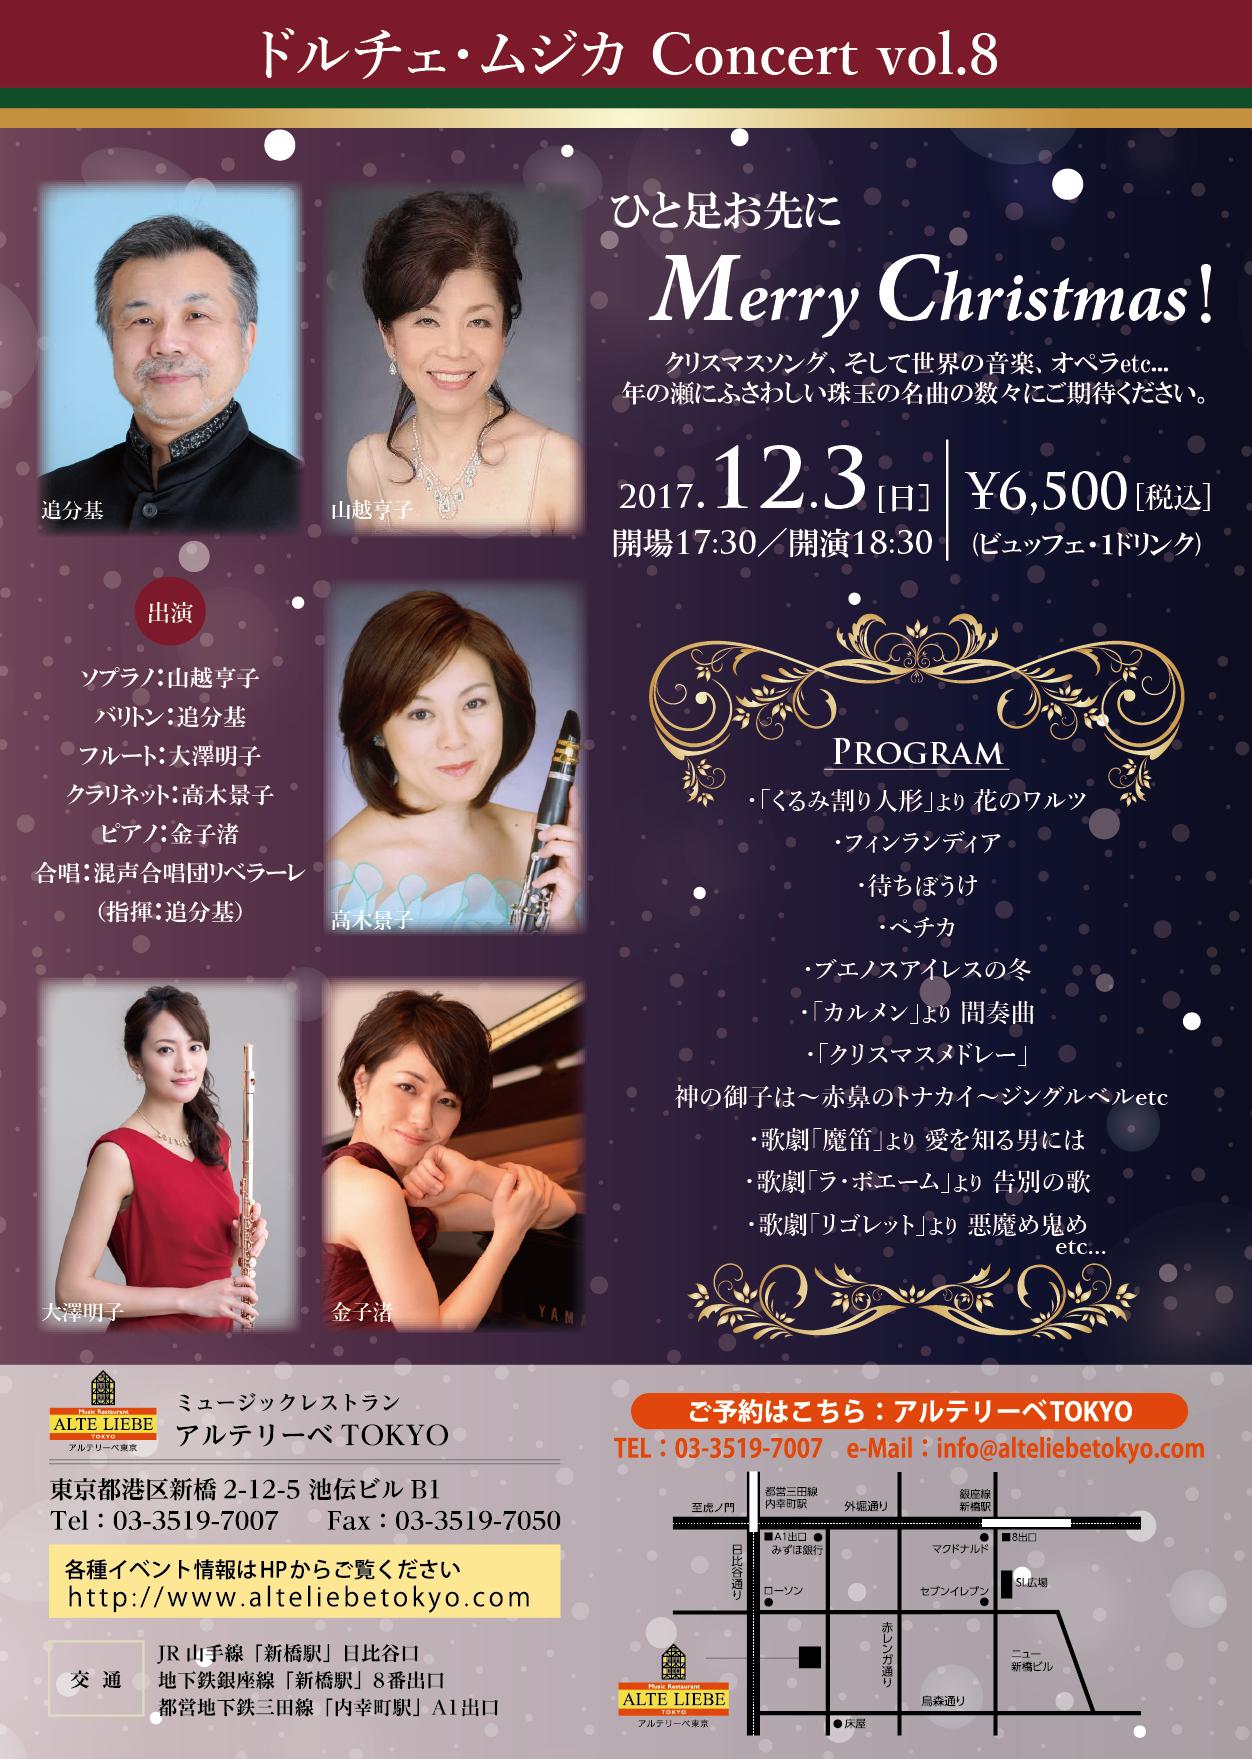 ドルチェ・ムジカ Concert vol.8